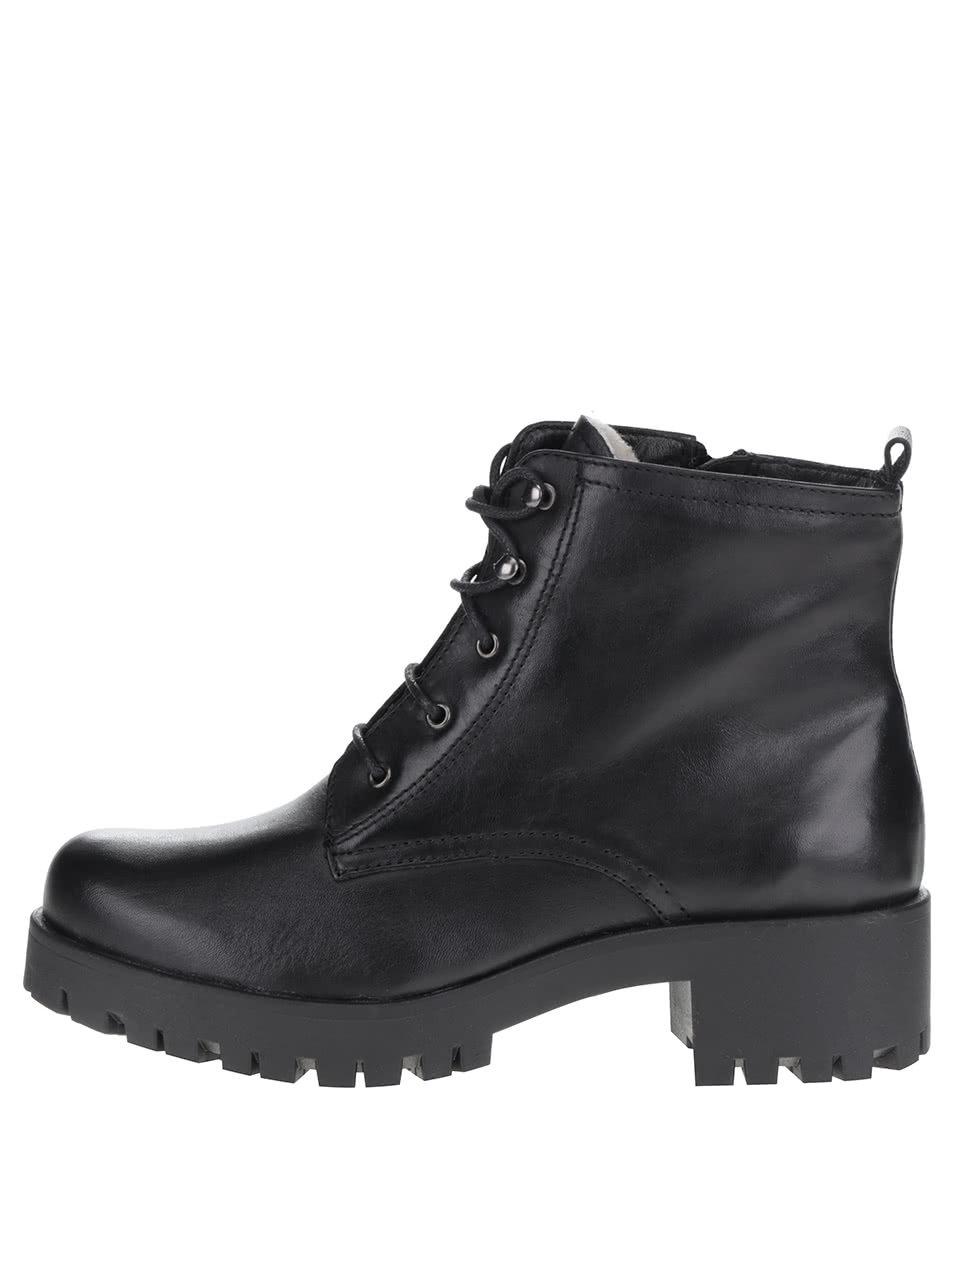 Čierne členkové kožené šnurovacie topánky Tamaris ... 32e455c89b7